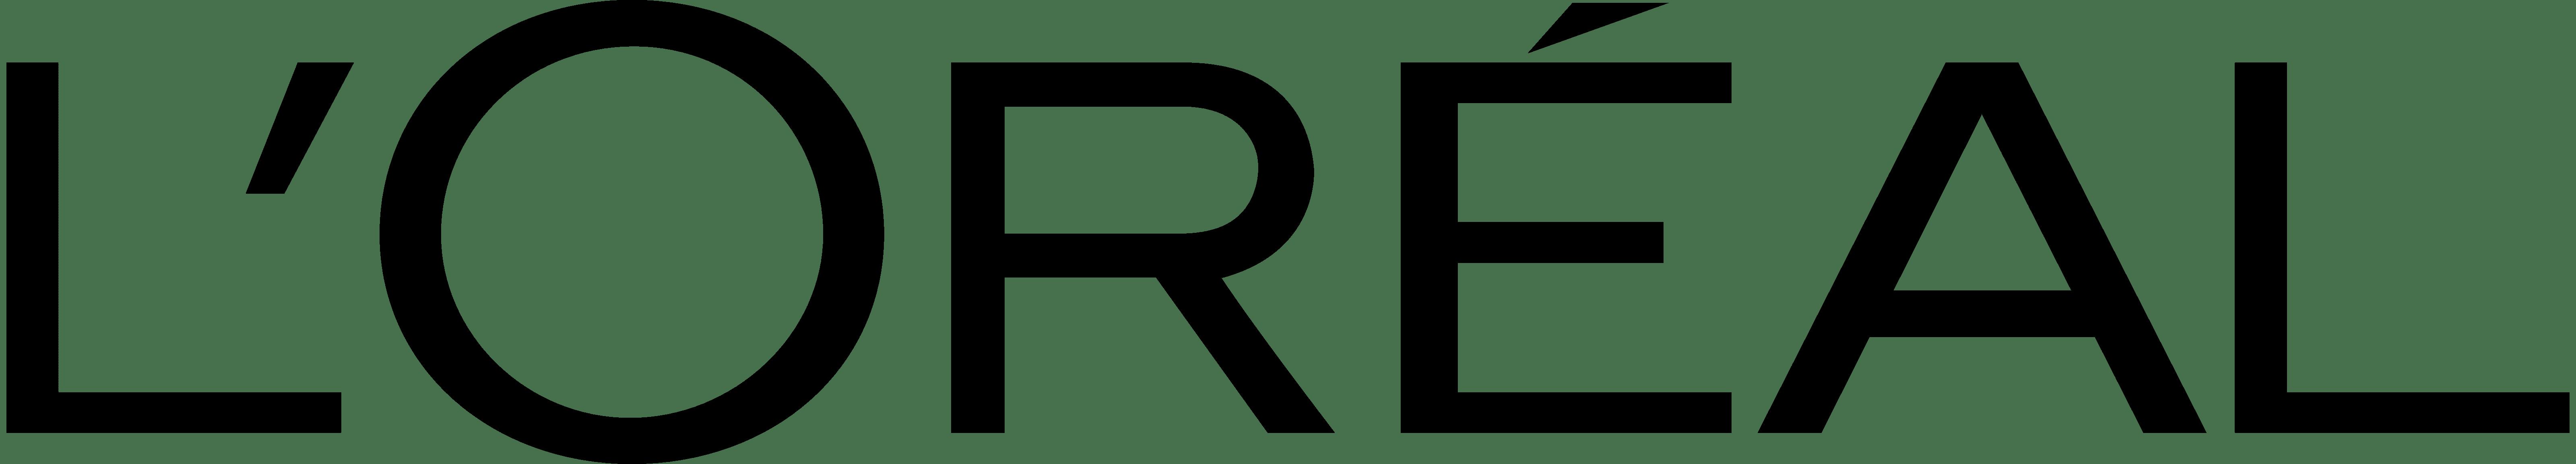 Customer Logo #1 of GBSN Research